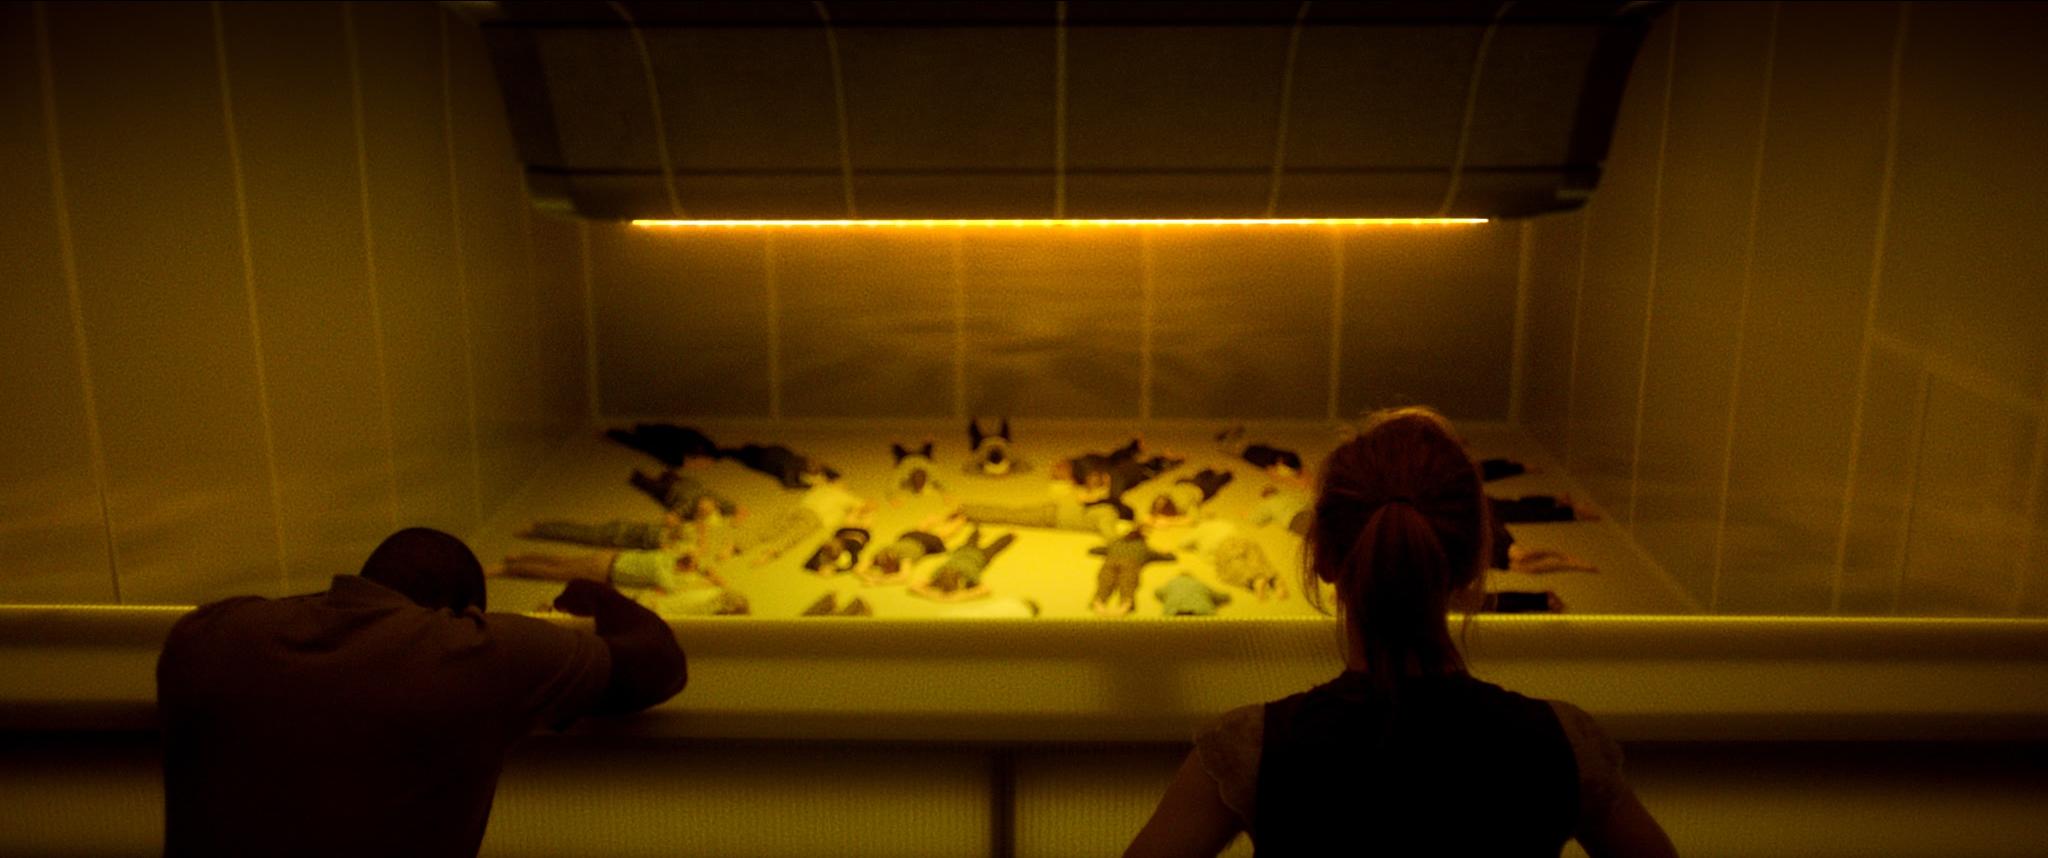 Stillbild ur filmen  Aniara  (2019), regisserad av Pella Kågerman och Hugo Lilja. Foto: SF.